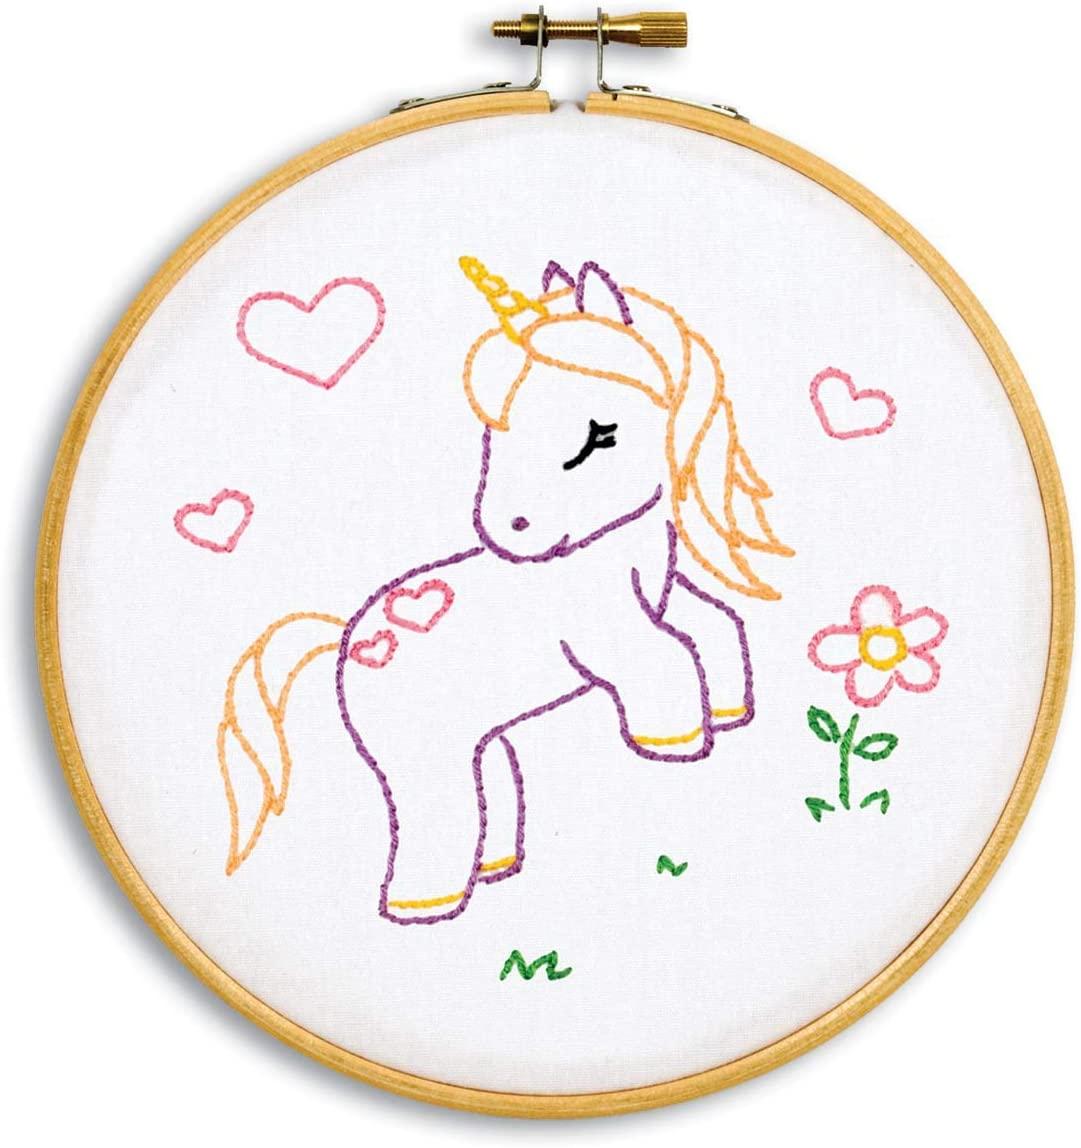 Jack Dempsey Needle Art Baby Unicorn Decorative Embroidery, White